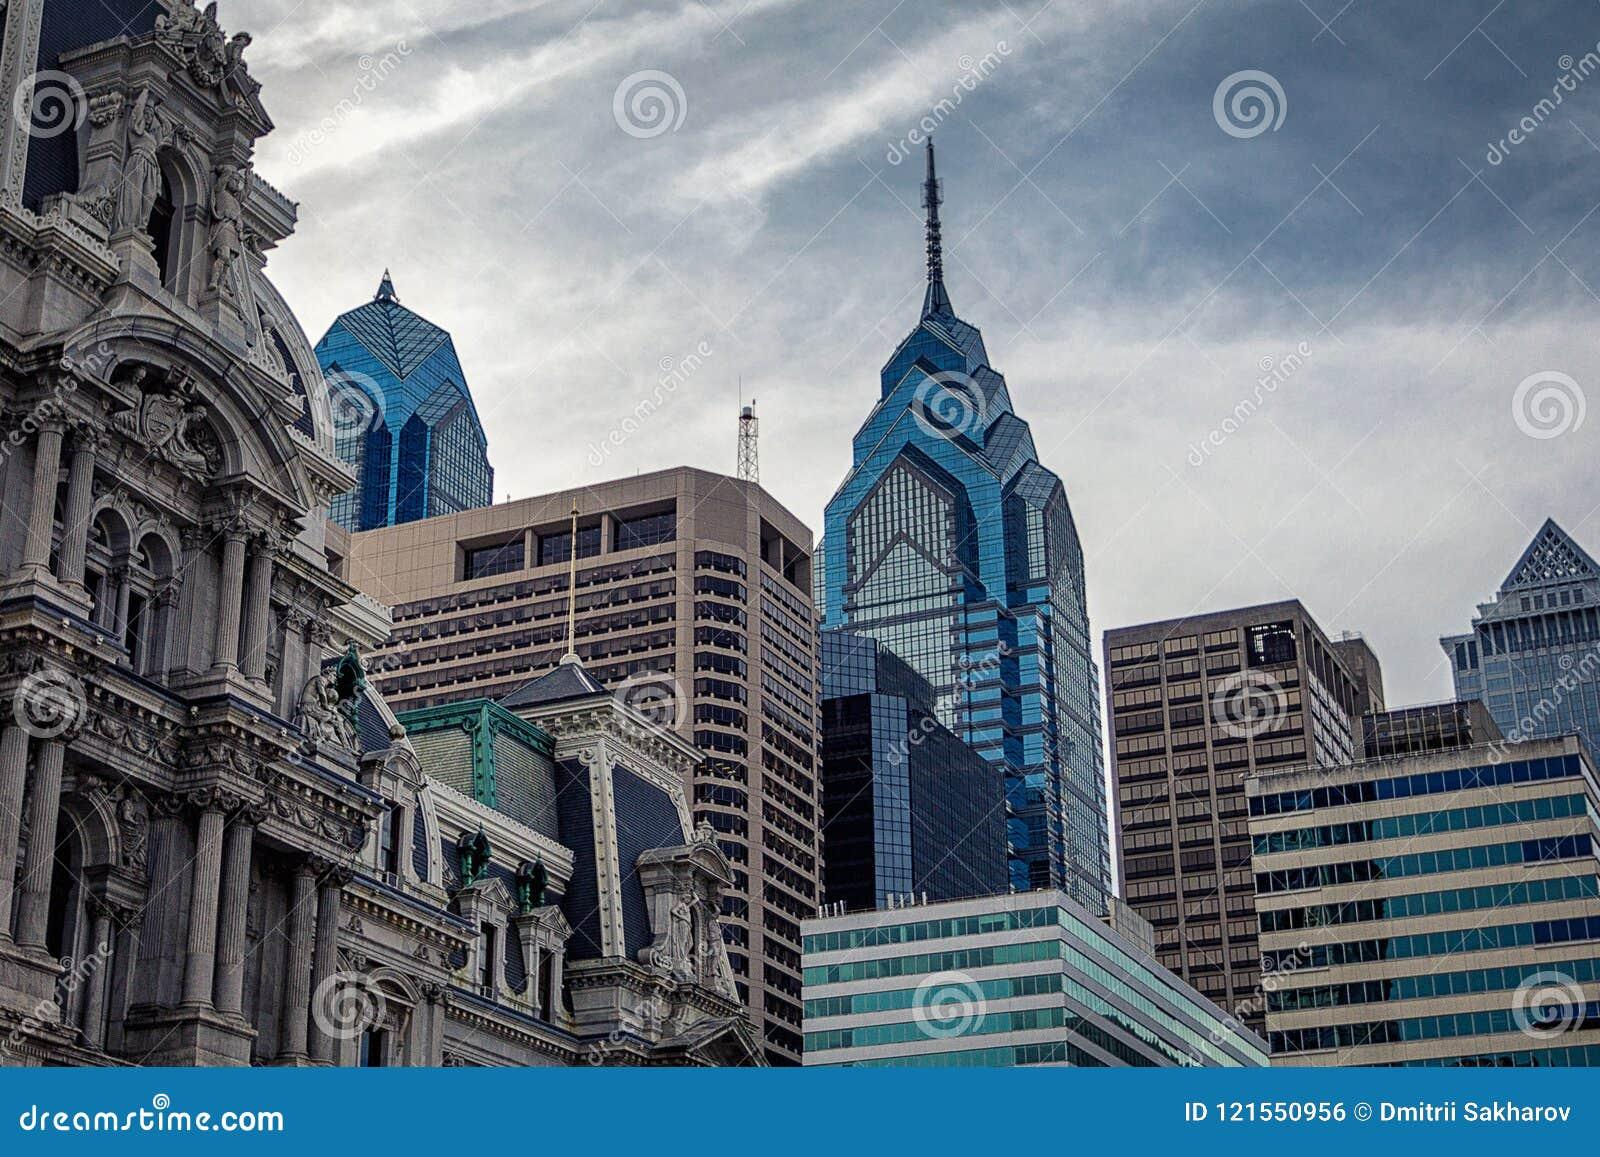 Vista superior de los rascacielos modernos de Philadelphia y del edificio histórico ayuntamiento